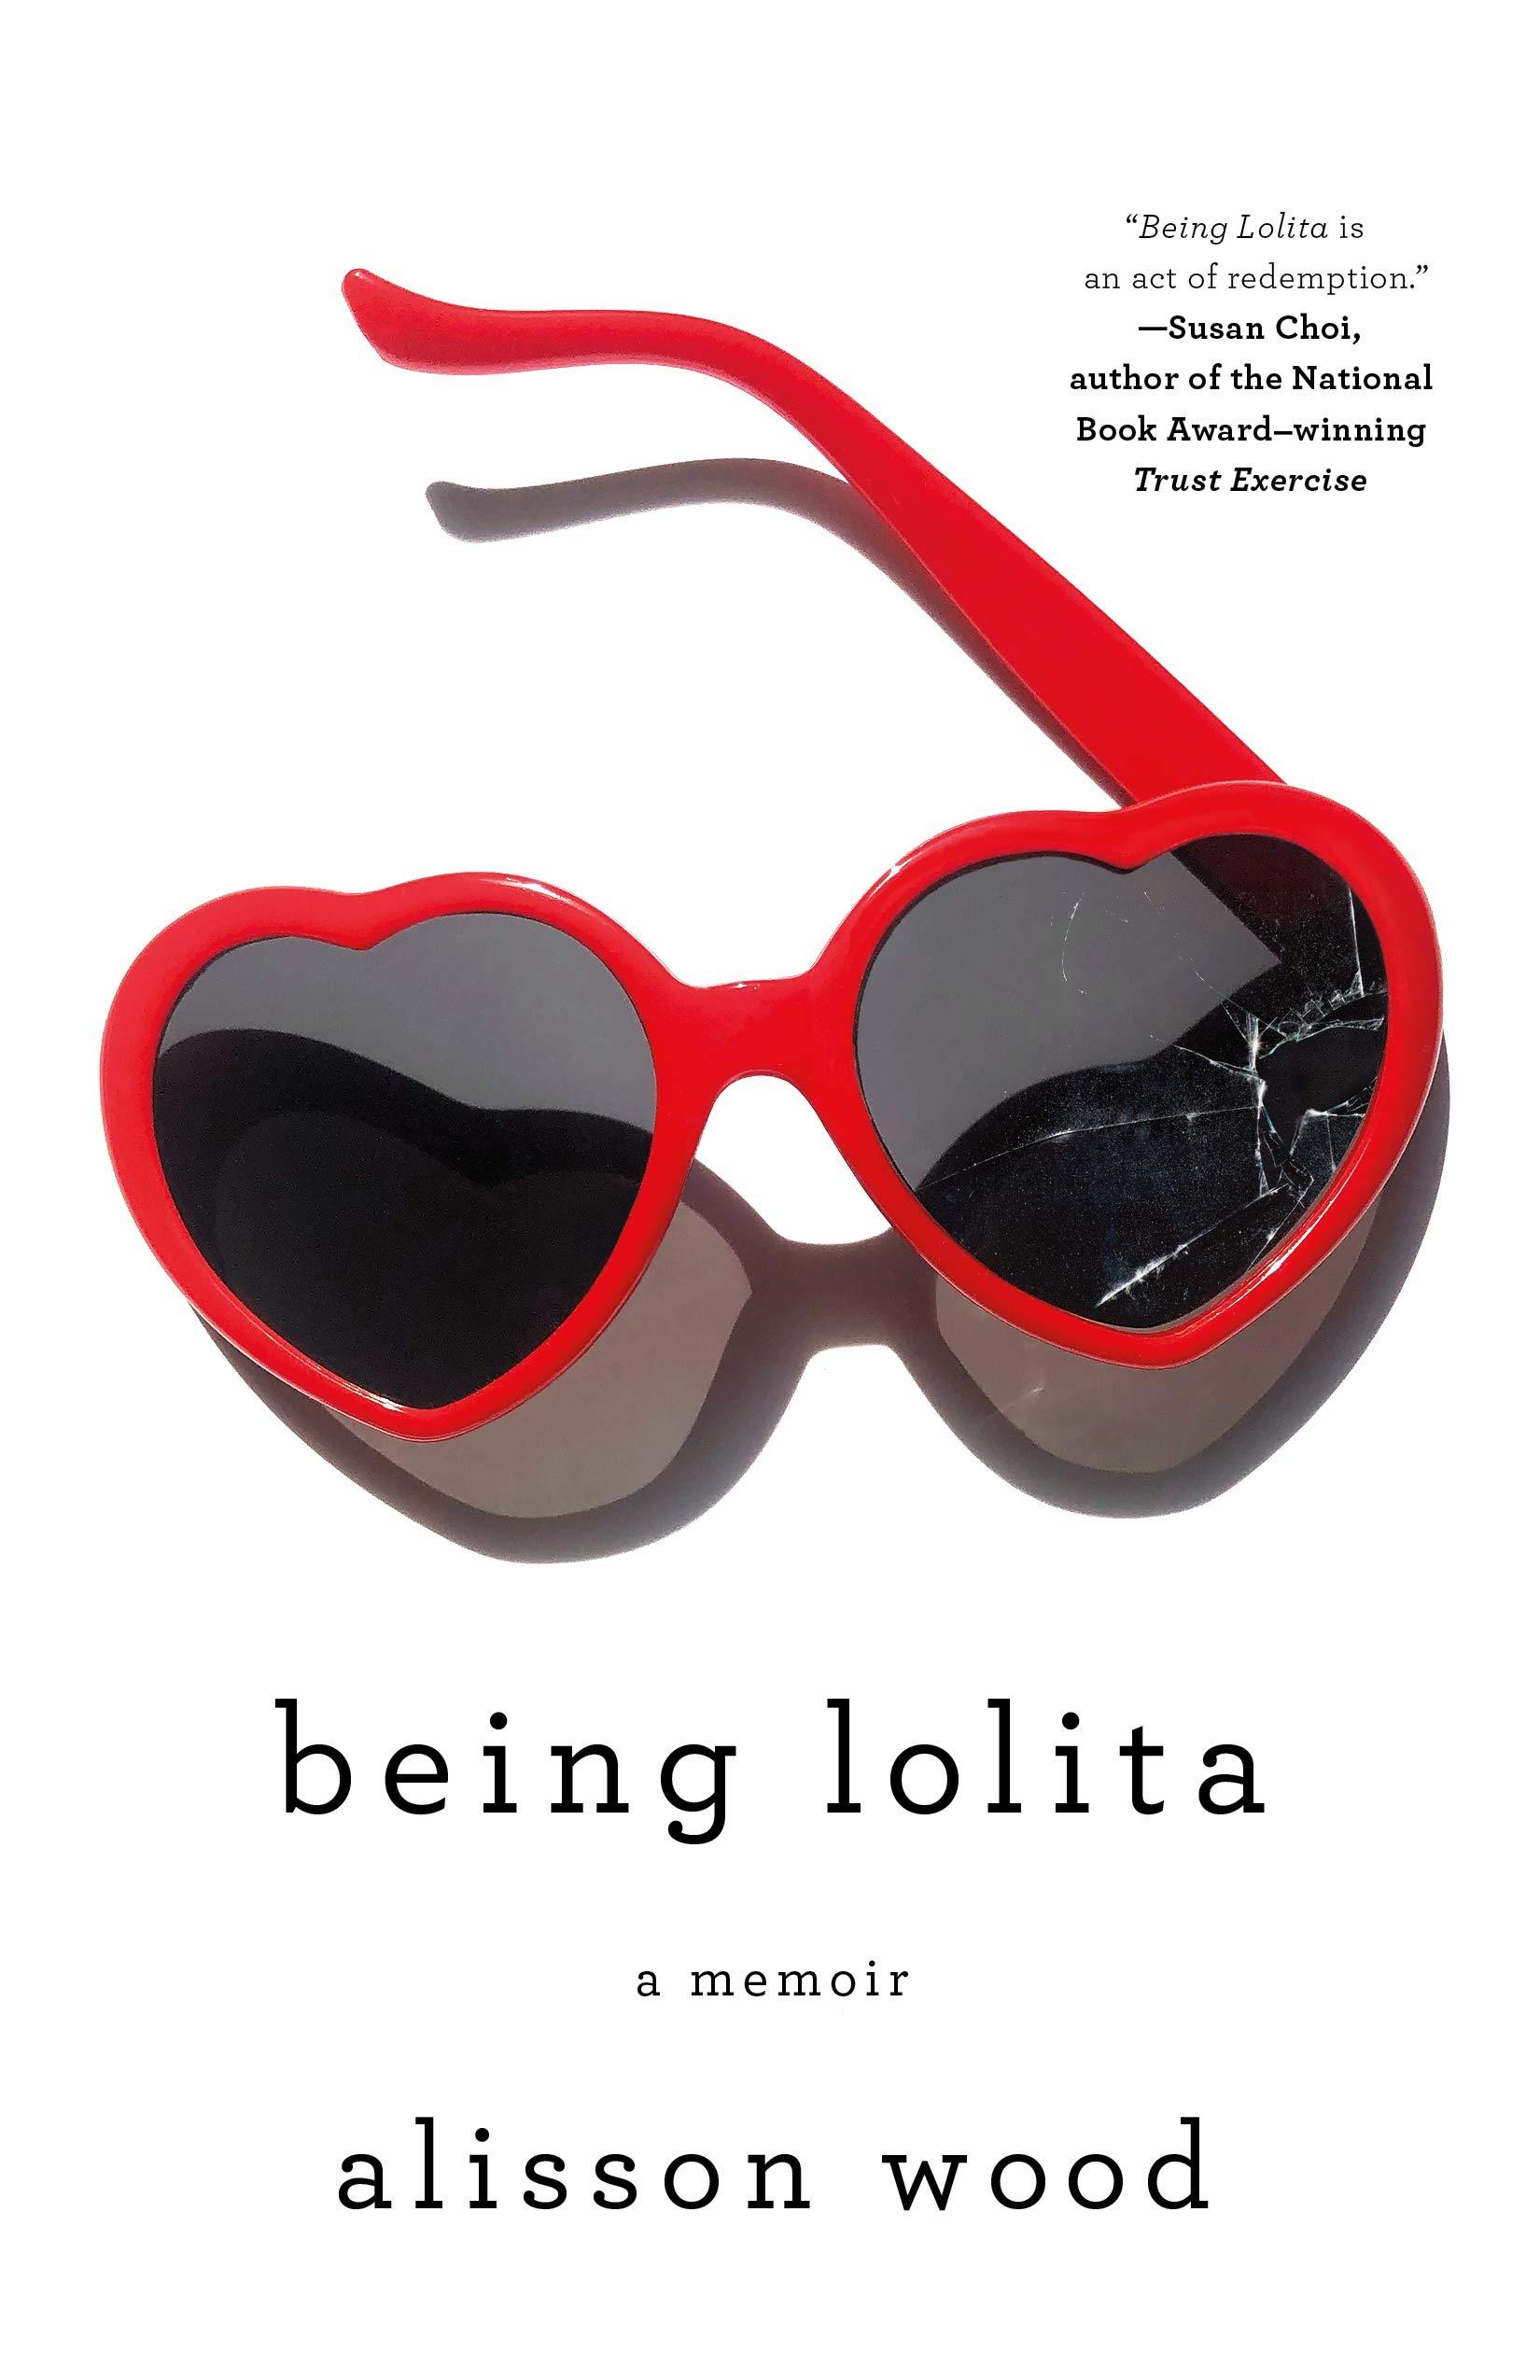 Being Lolita: A Memoir